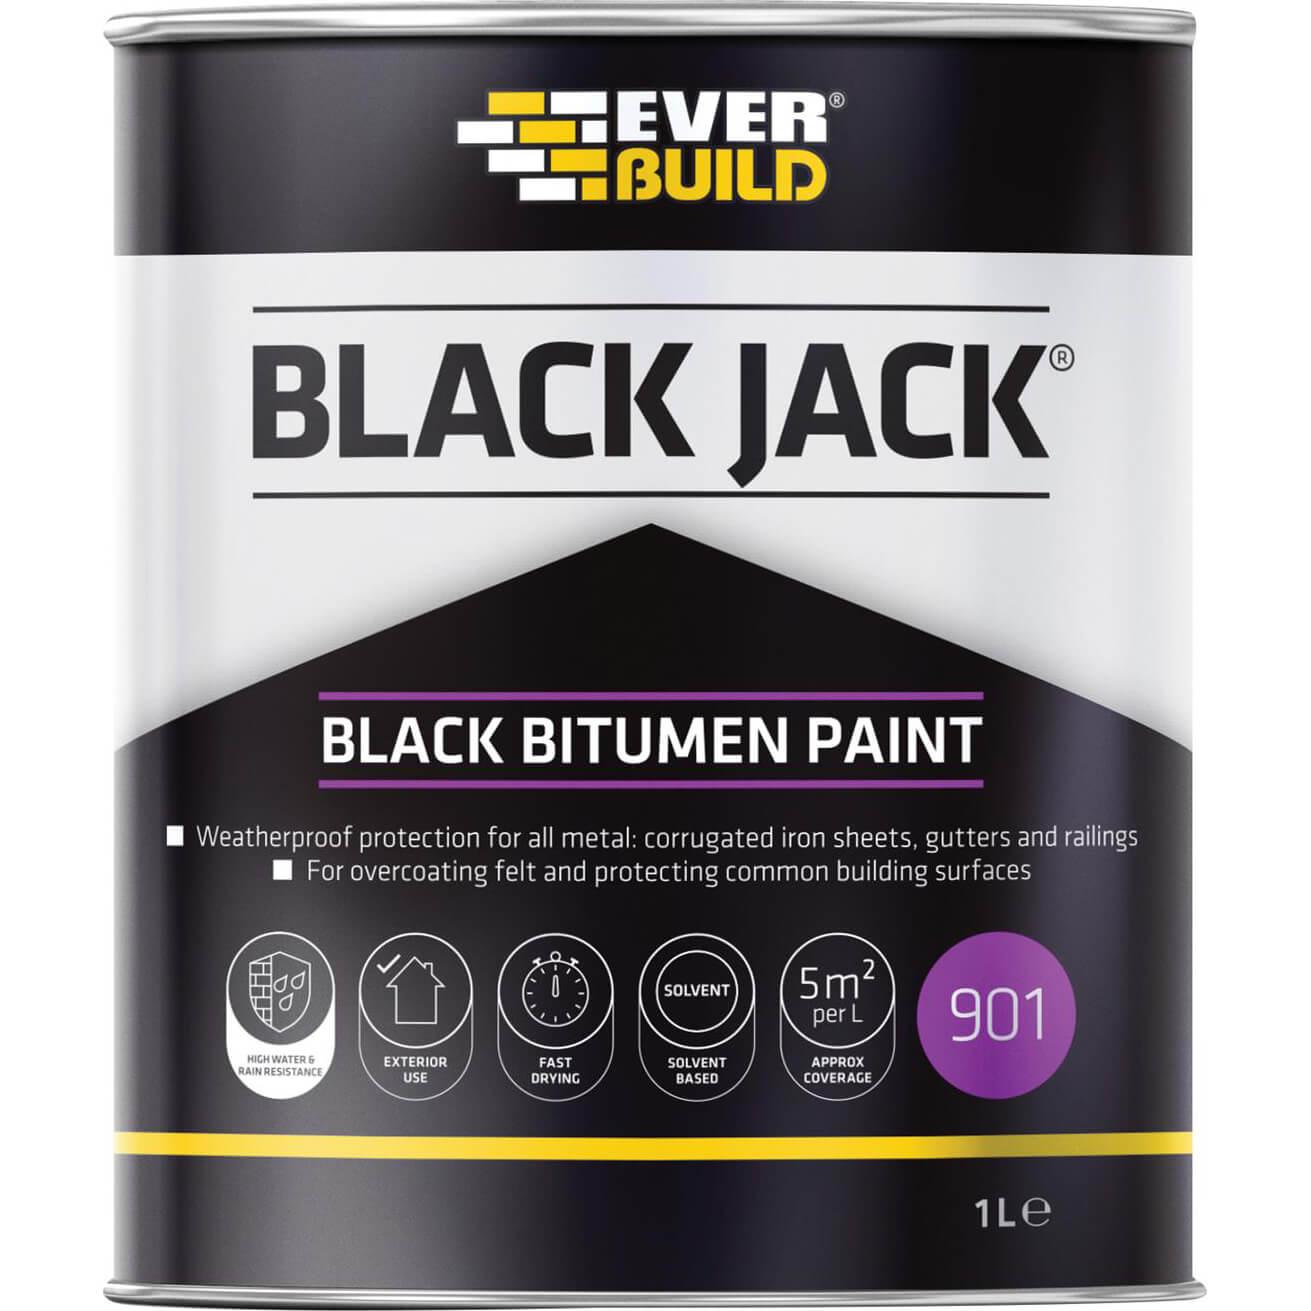 Everbuild Black Bitumen Paint 1L